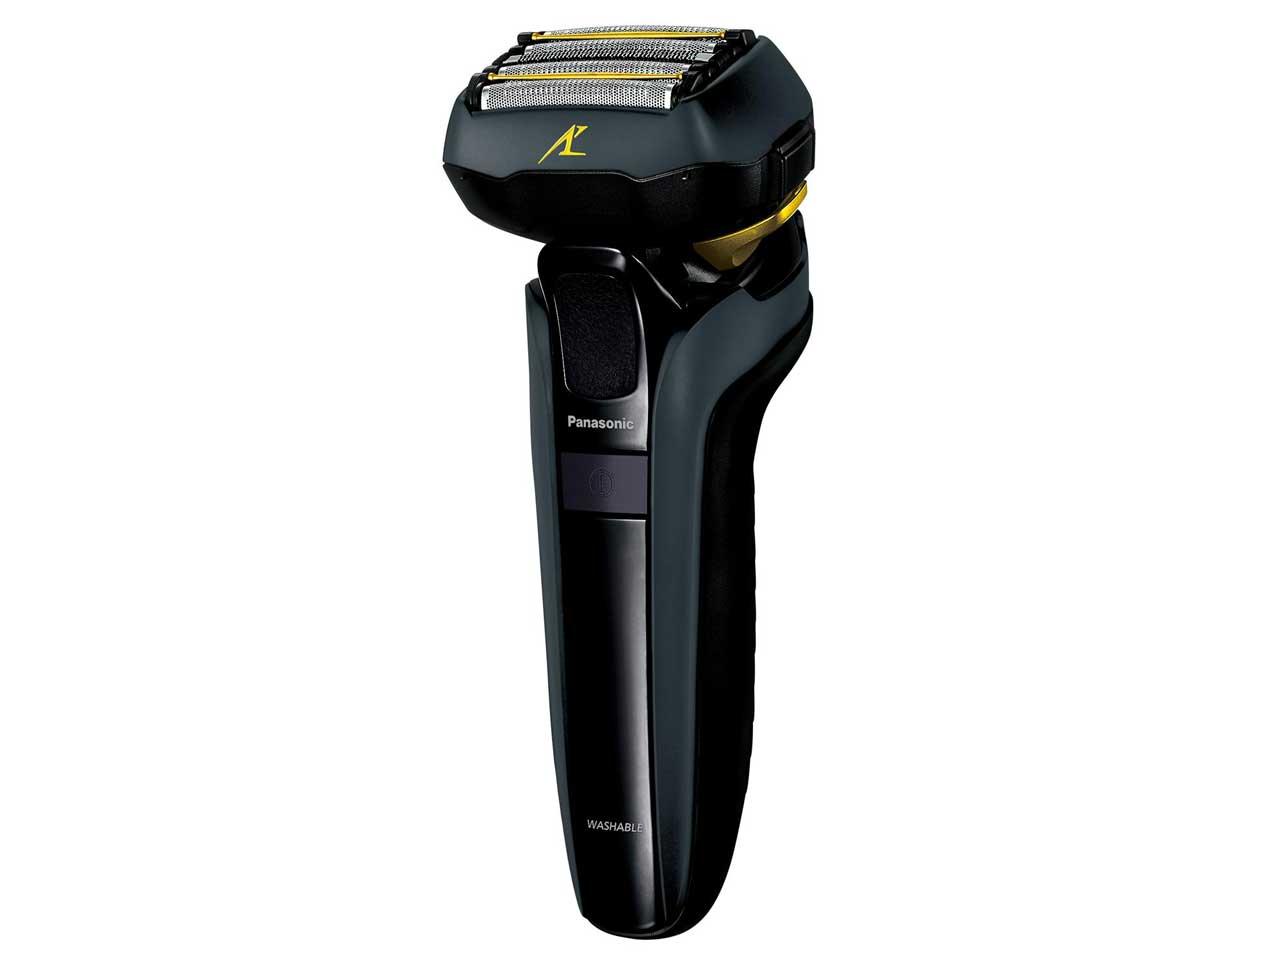 ラムダッシュ ES-LV5D-K [黒] の製品画像